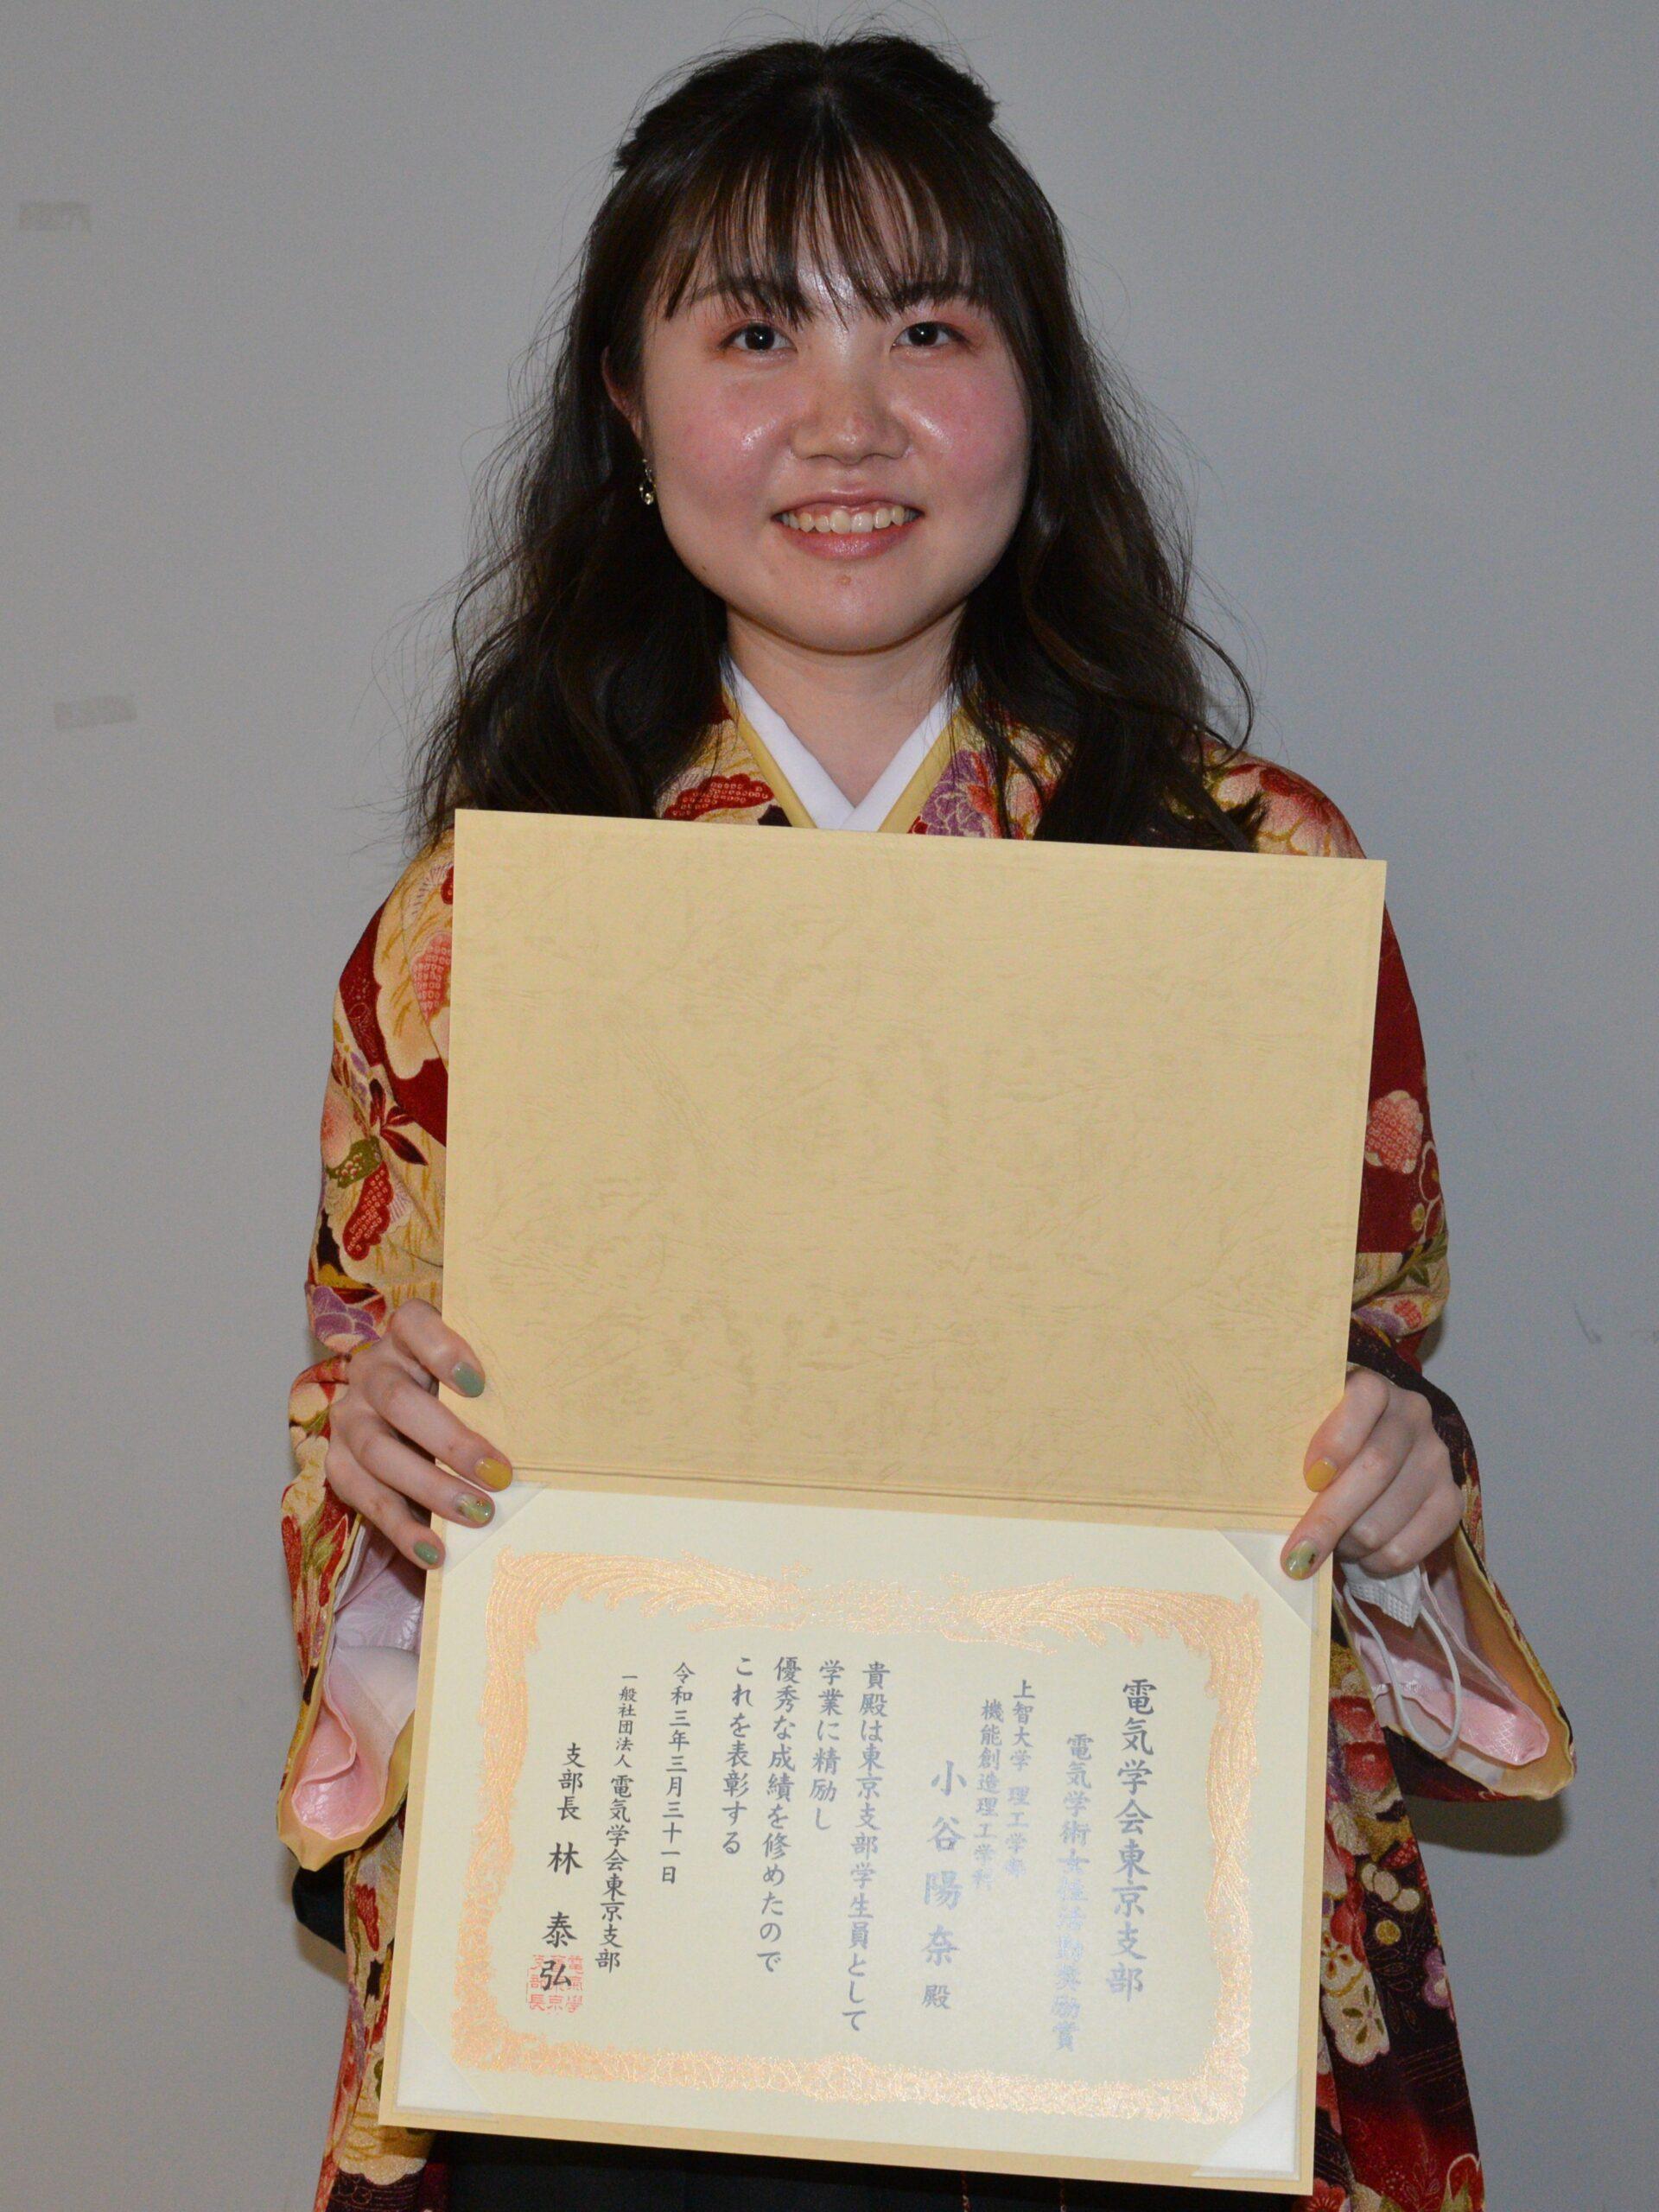 理工学部機能創造理工学科4年の小谷陽奈さんが電気学会の電気学術女性活動奨励賞を受賞